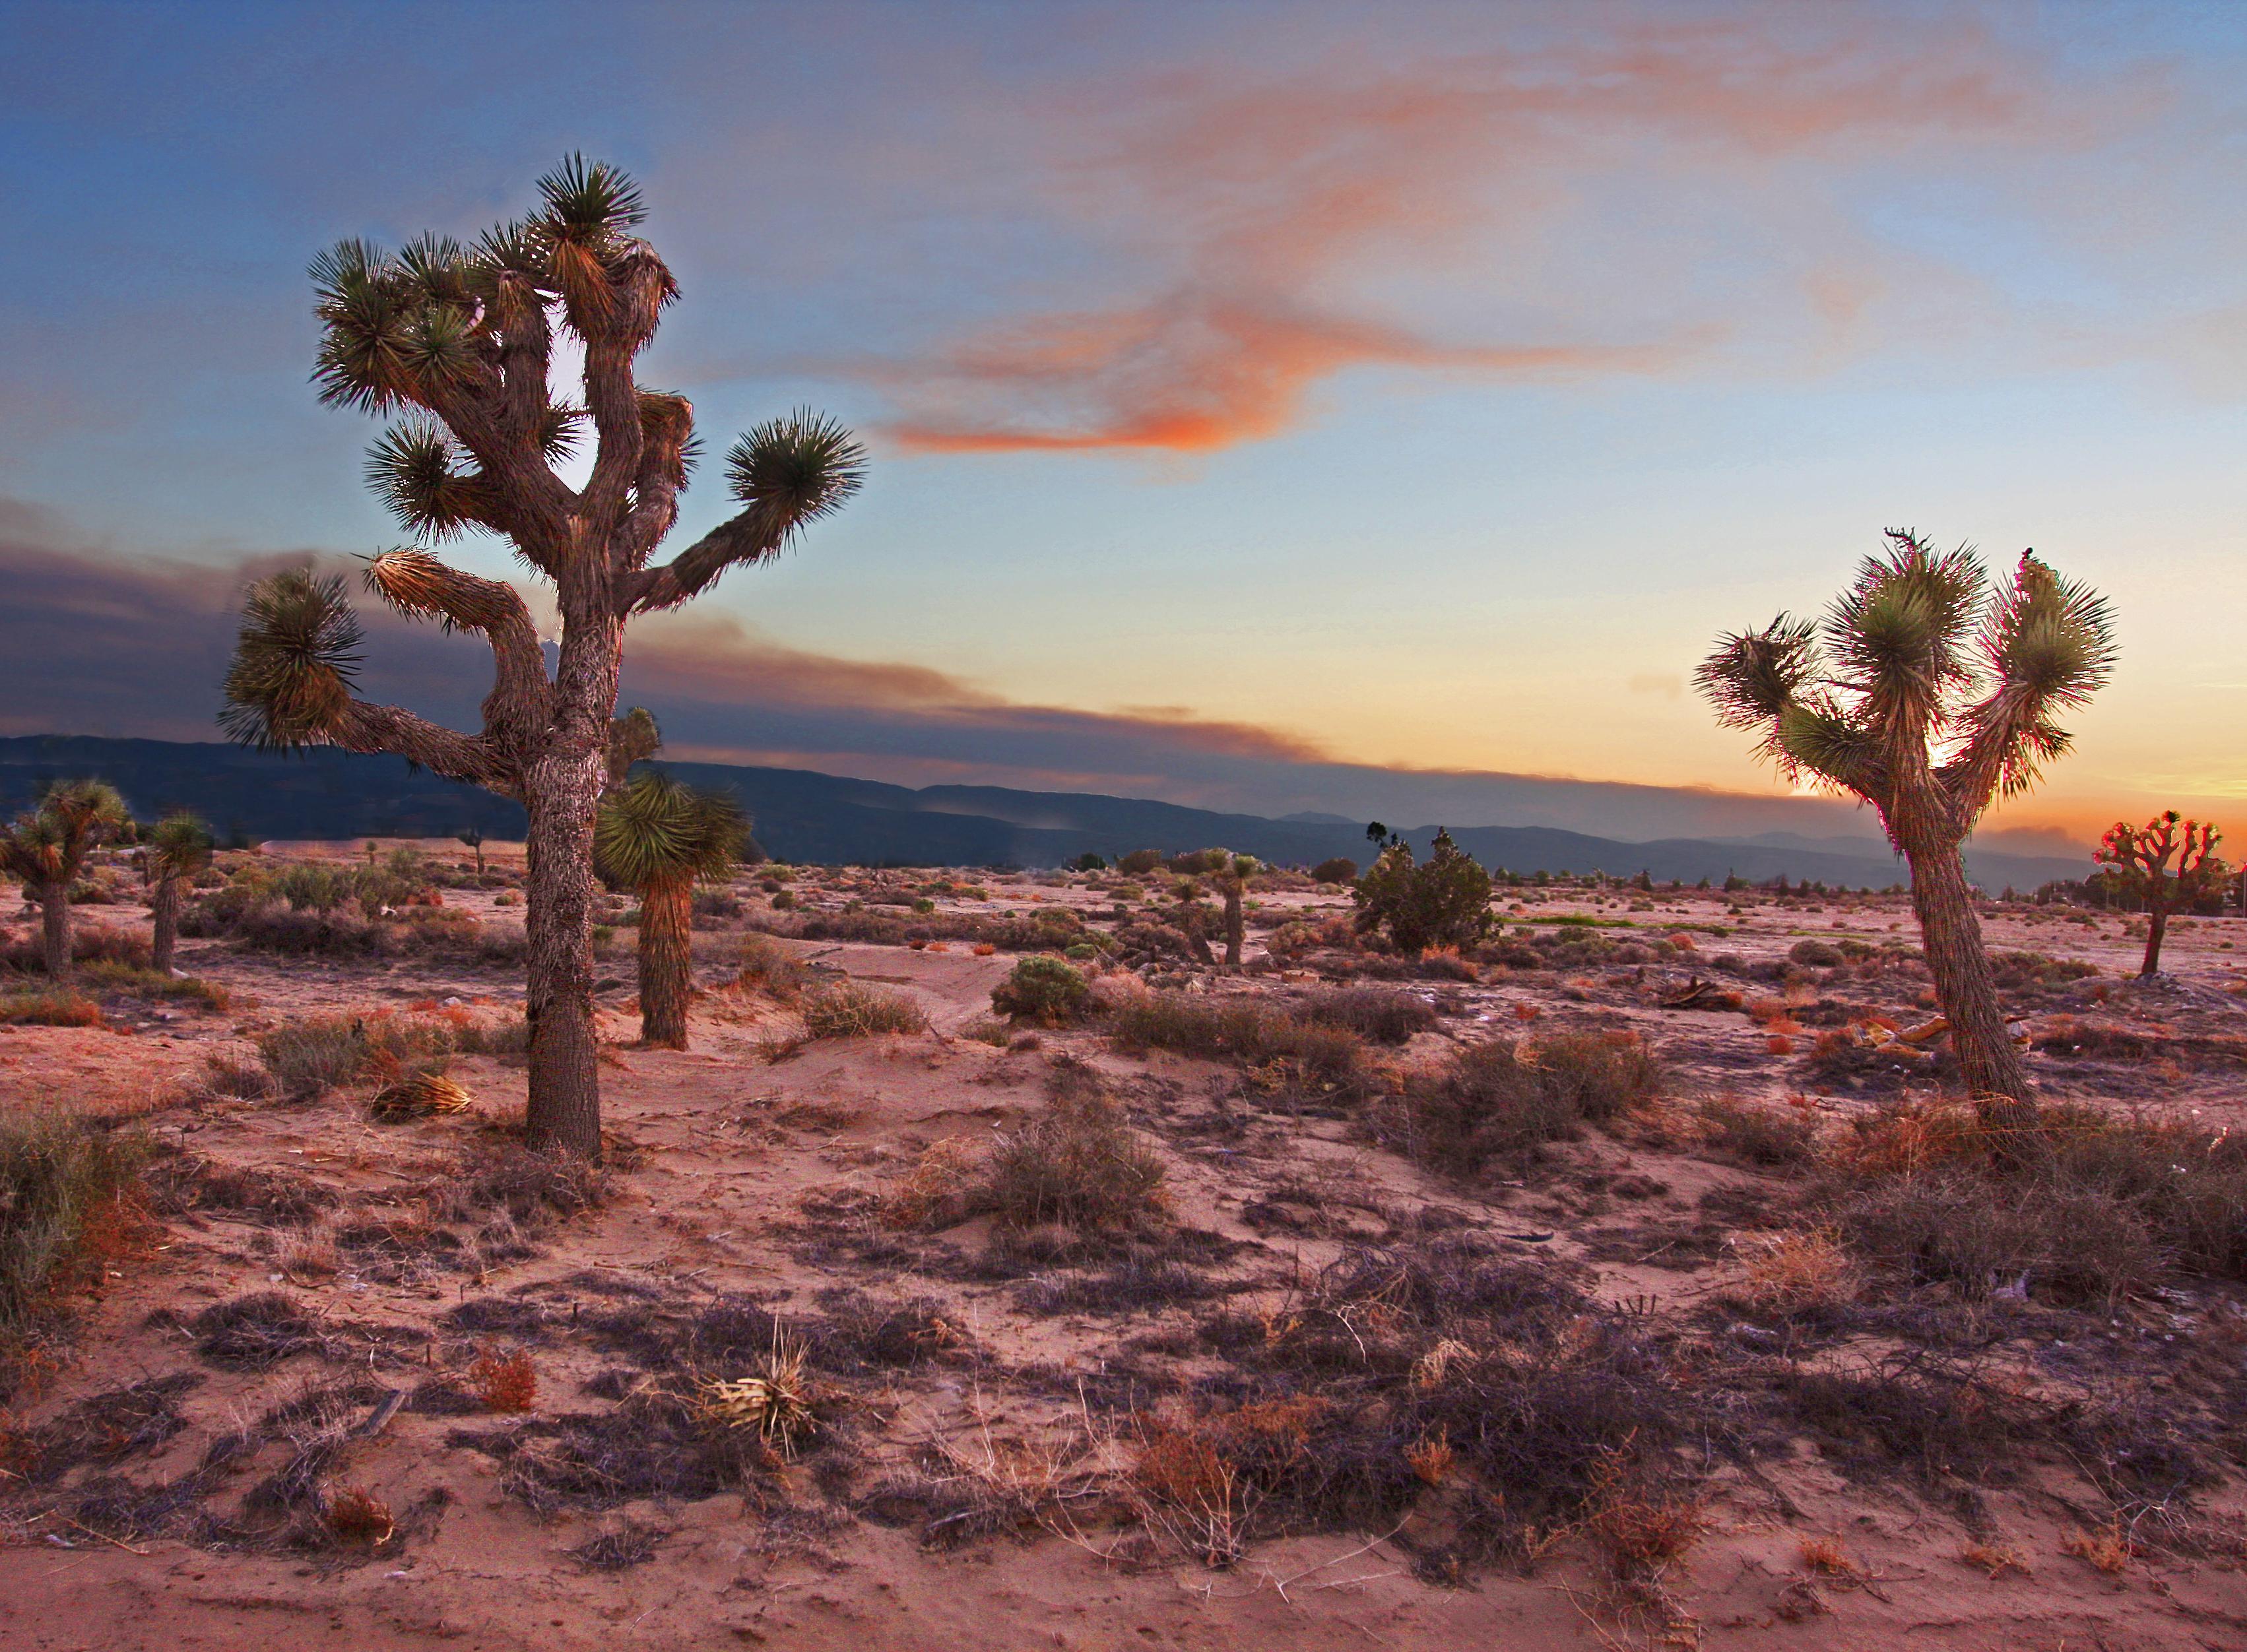 Mojave_Desert_at_Dusk__8752735982_.jpg